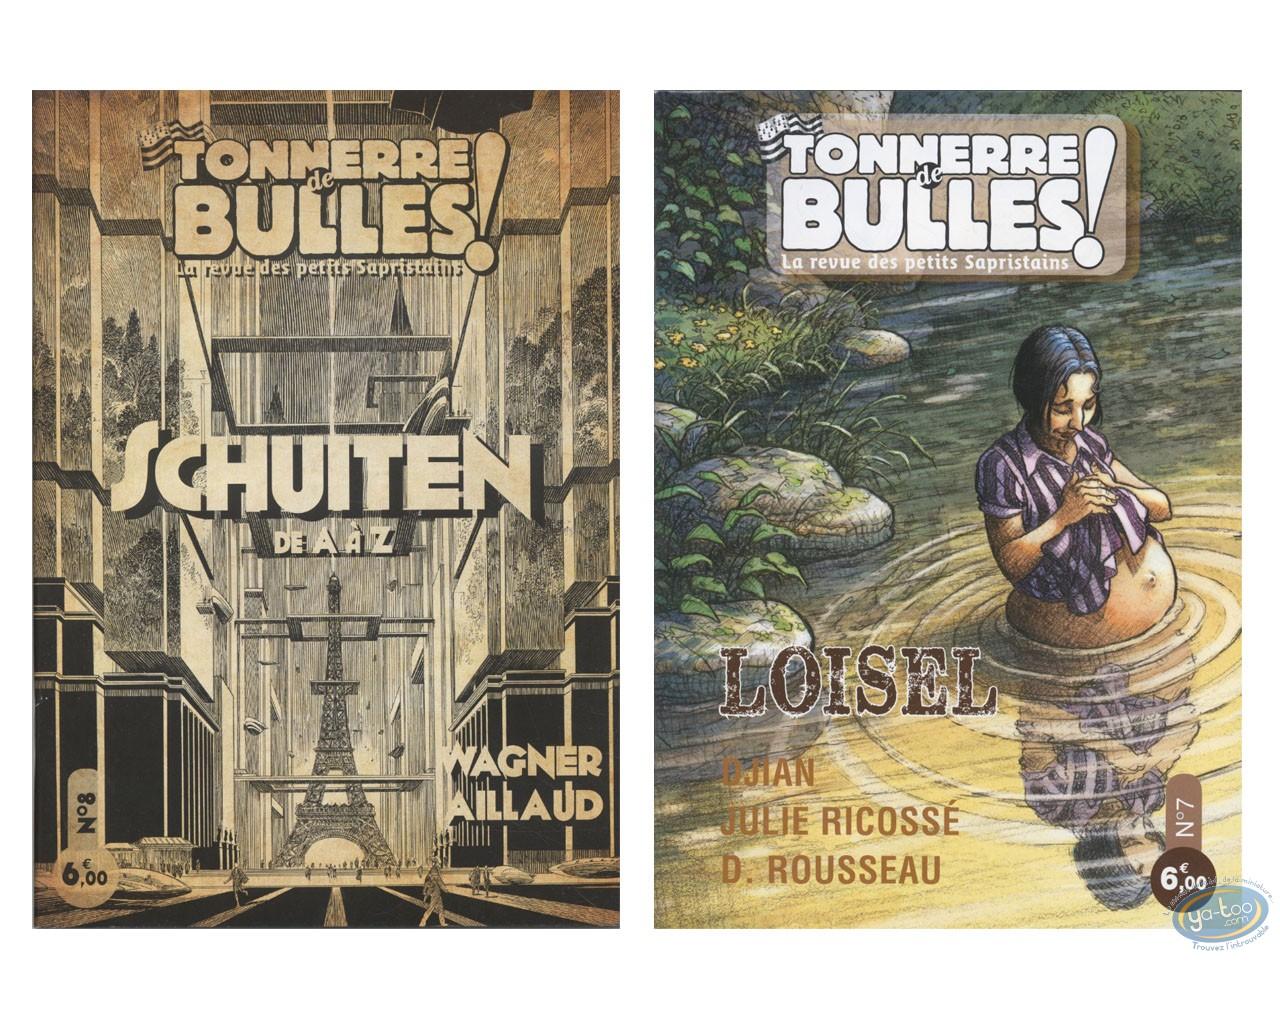 Monographie, Tonnerre de Bulles : Tonnerre de Bulles : Schuiten, Loisel, Djian, Ricossé, Rousseau, Wagner, Aillaud